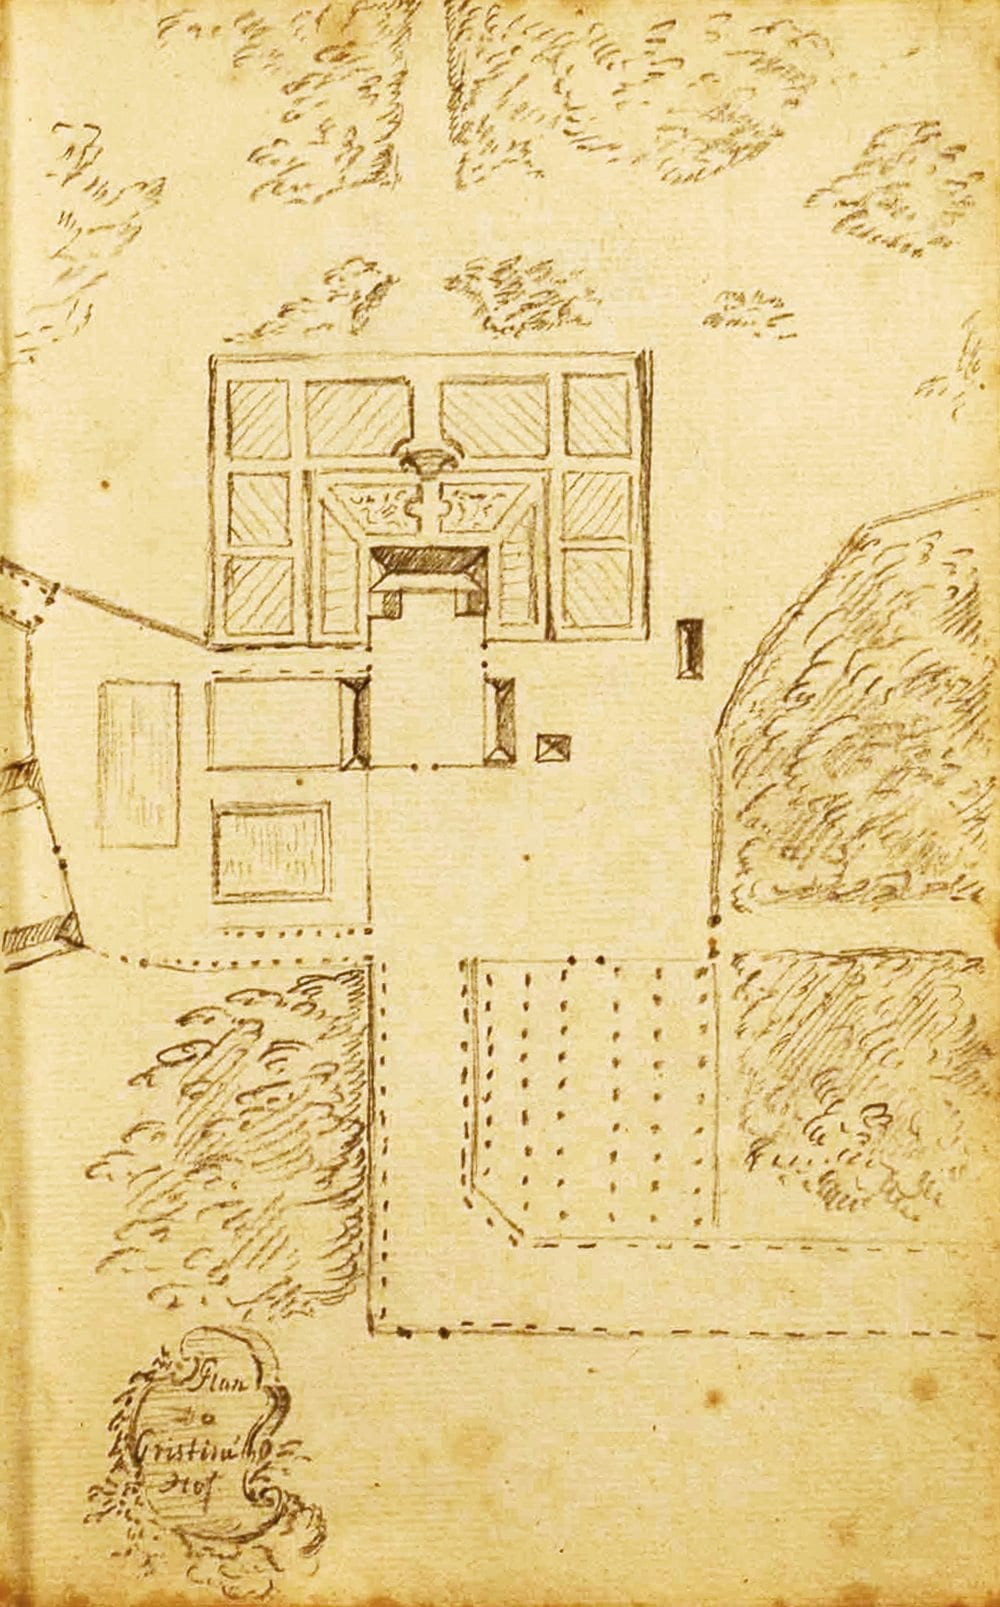 Barnekow skiss av Christinehof slutet av 1700-talet